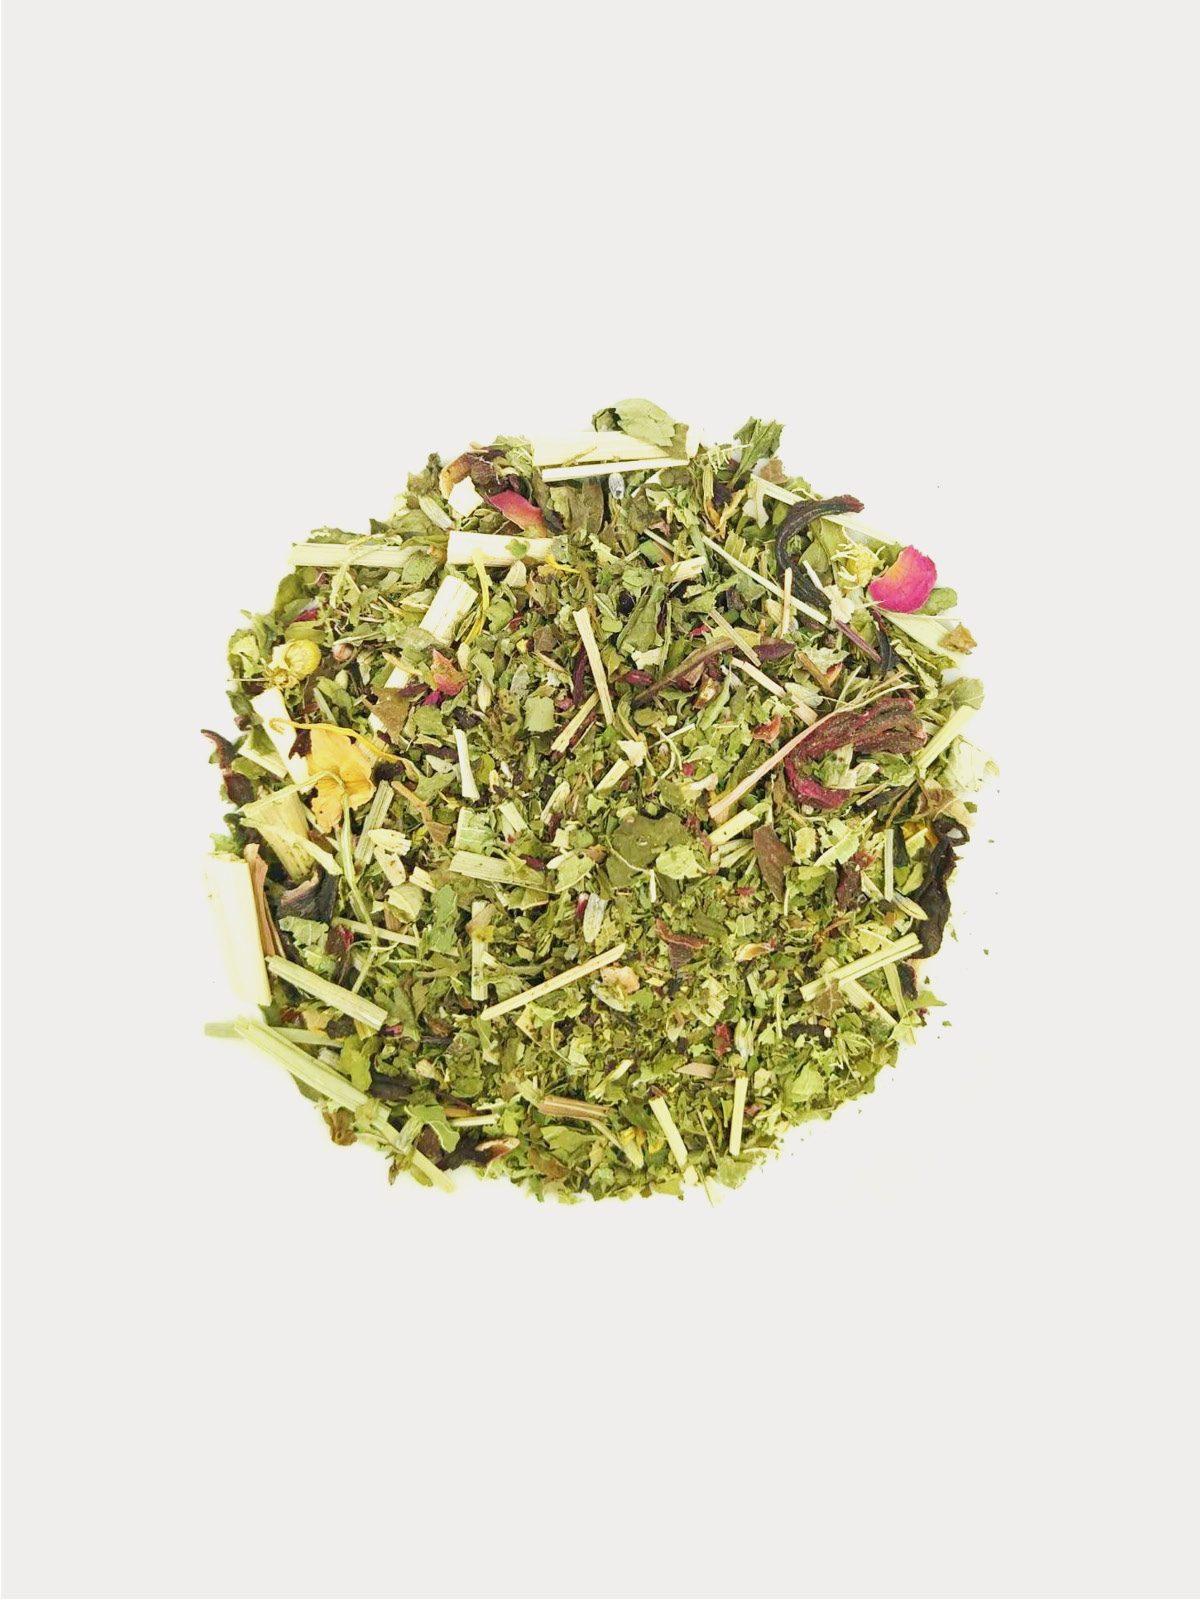 Nigiro Herbal Immensely Beautiful